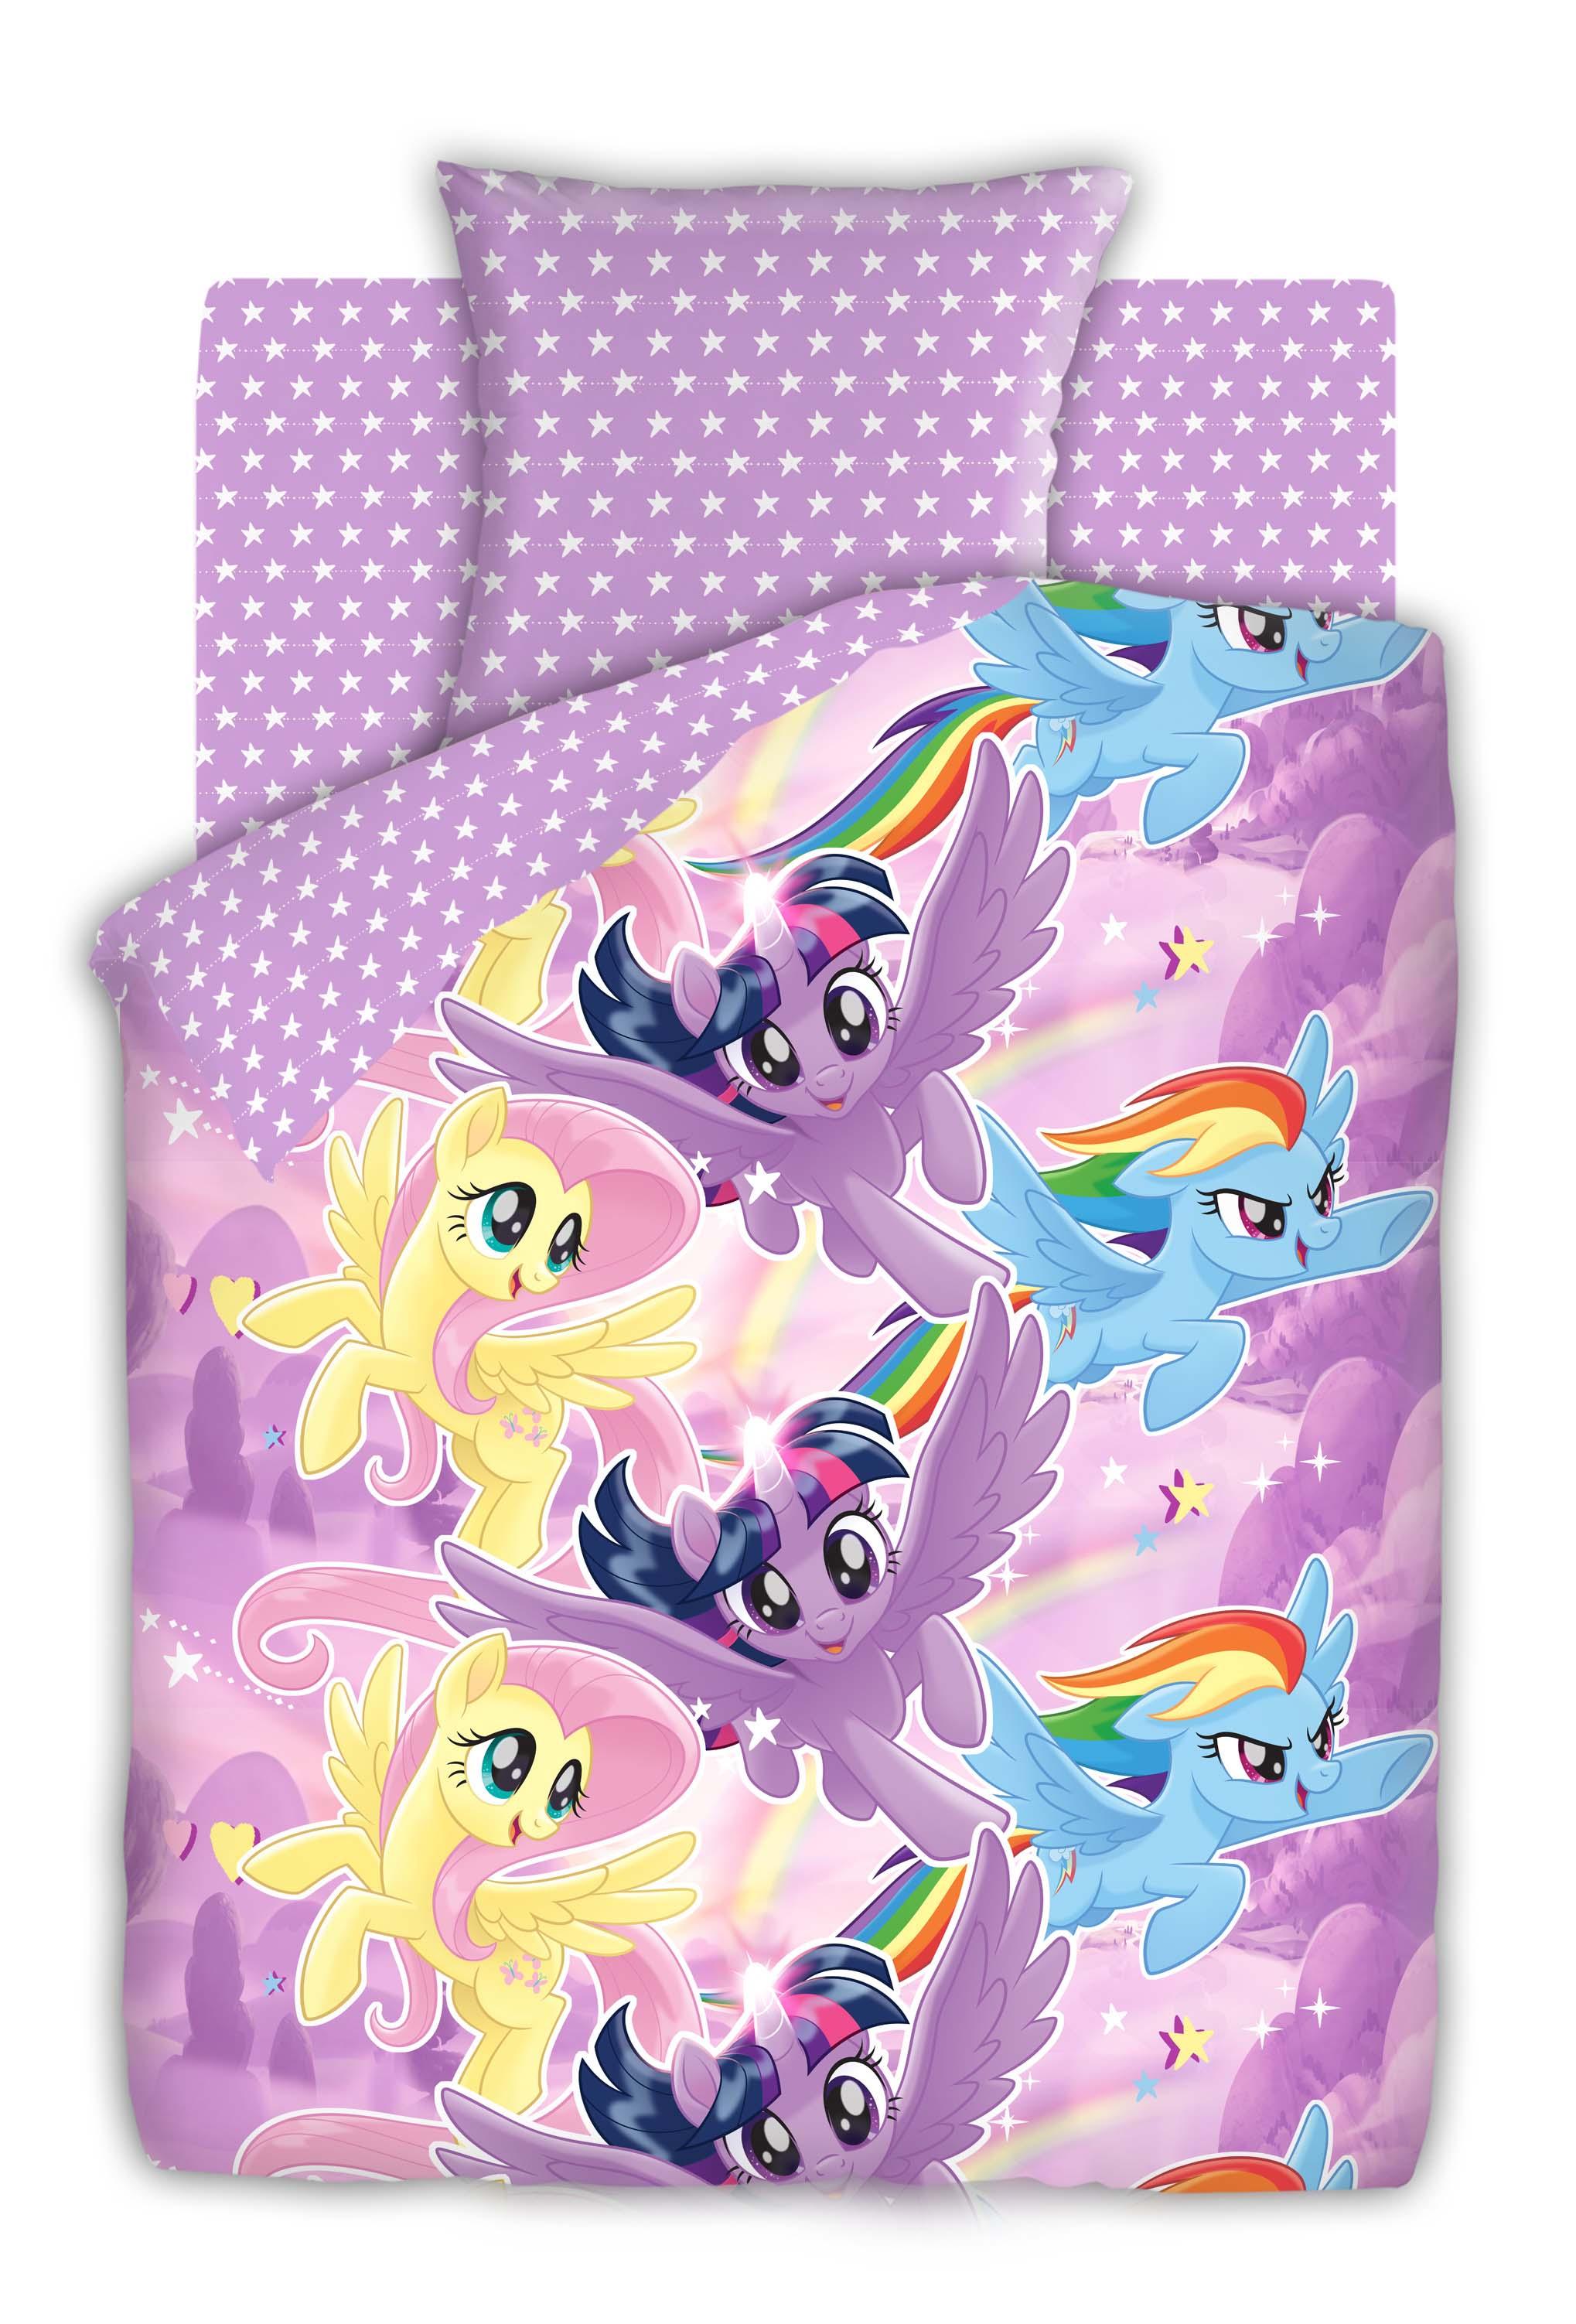 My Little Pony - Небесные пони арт. 8920-1/8921-1, Разное - постельное белье детское - БЯЗЬ (ГОСТ), Непоседа, из бязи, детское